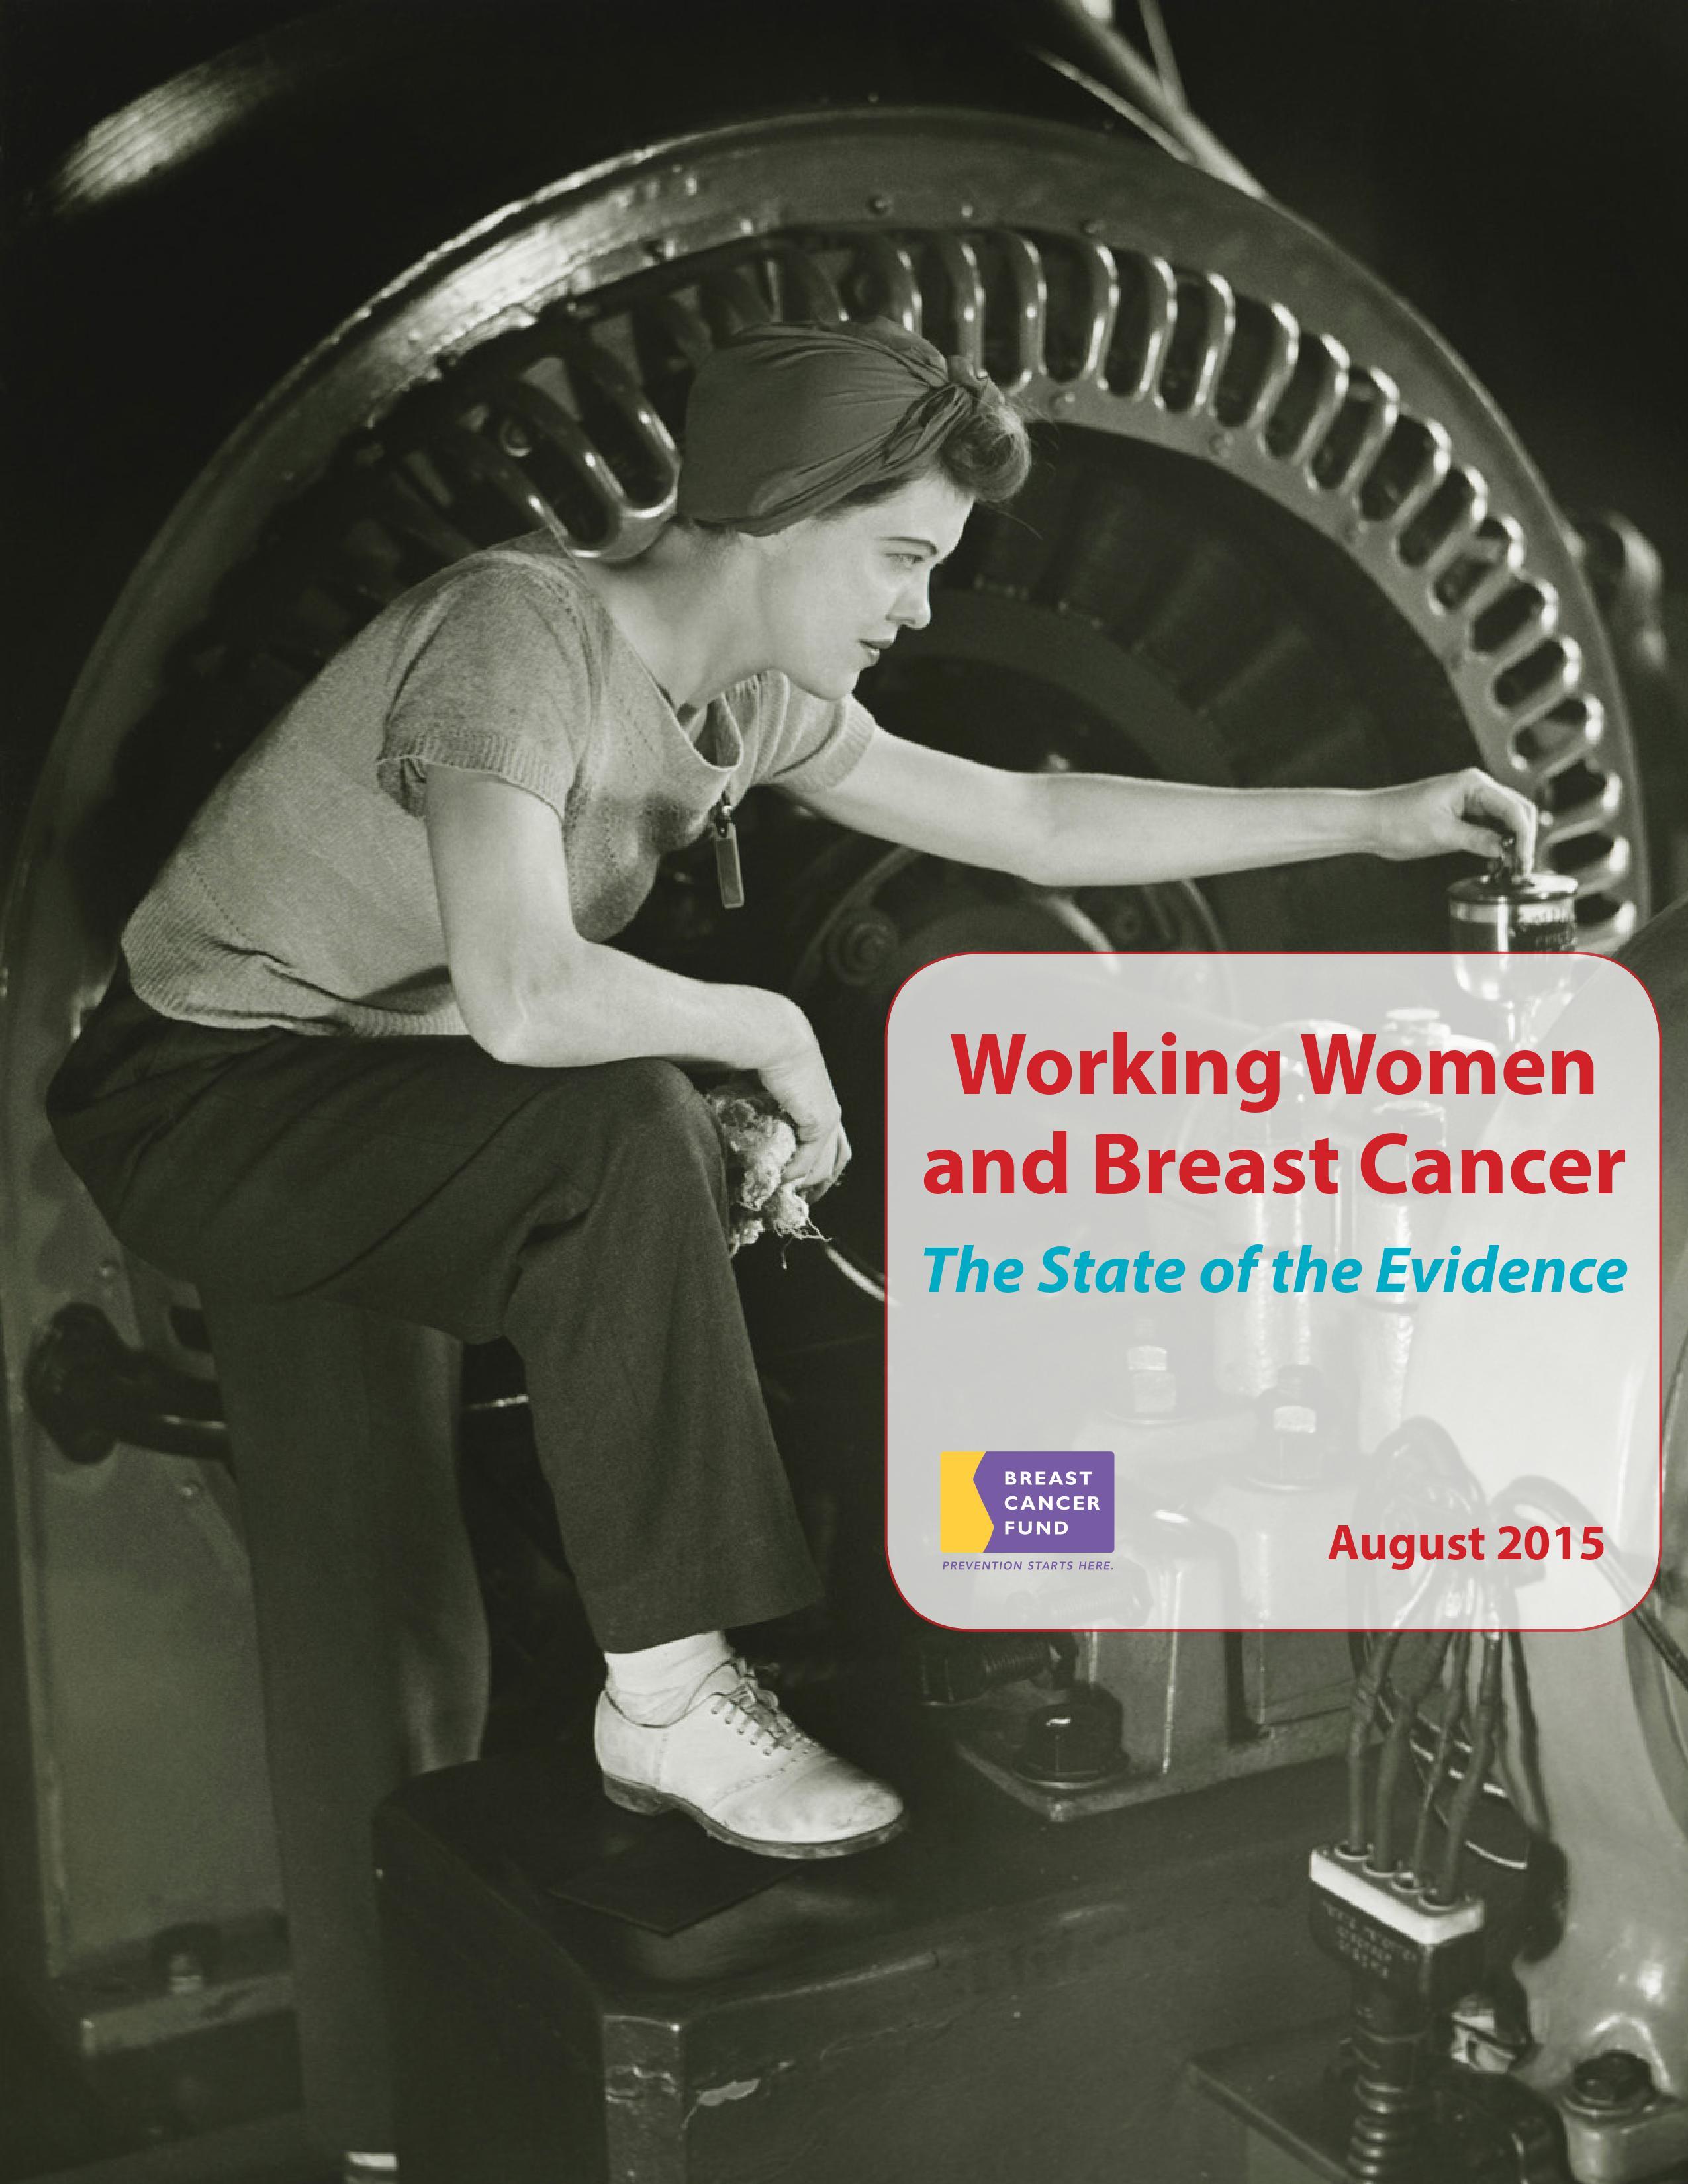 Mujeres trabajadoras y cáncer de mama